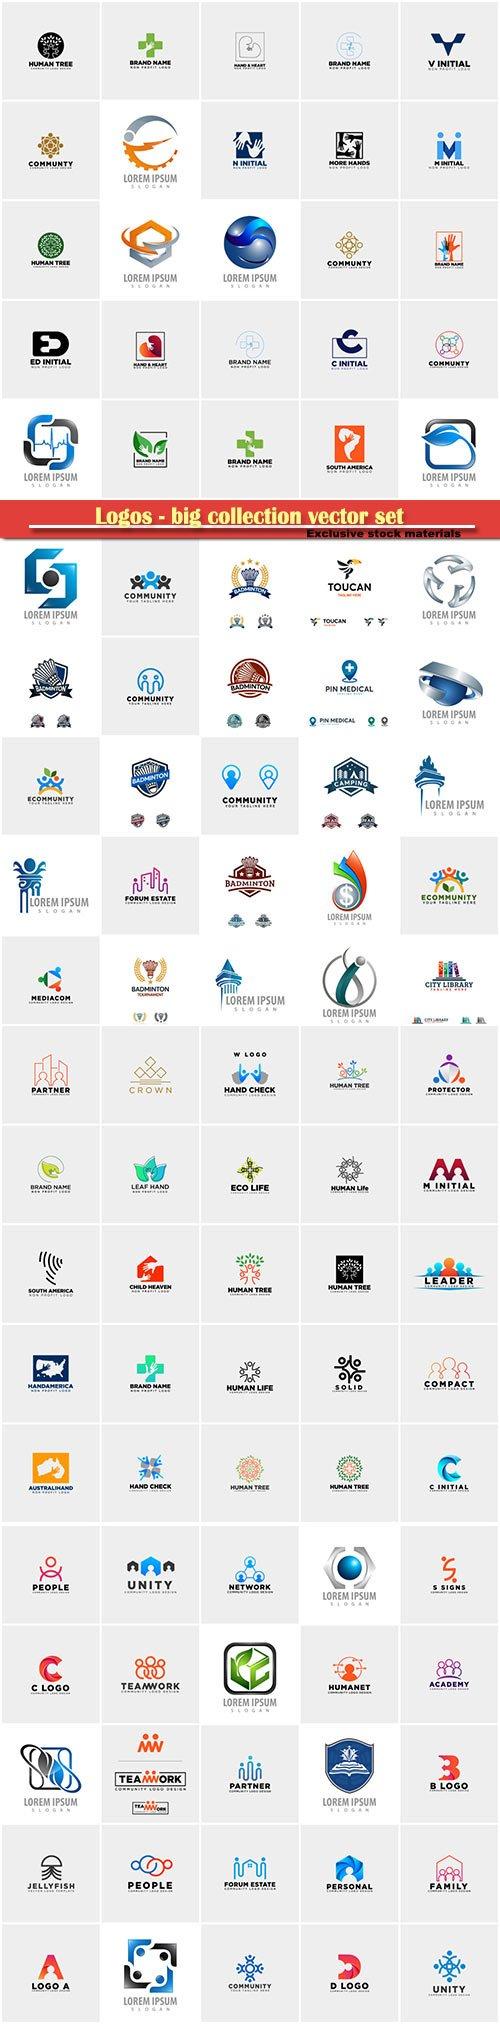 Logos - big collection vector set # 5